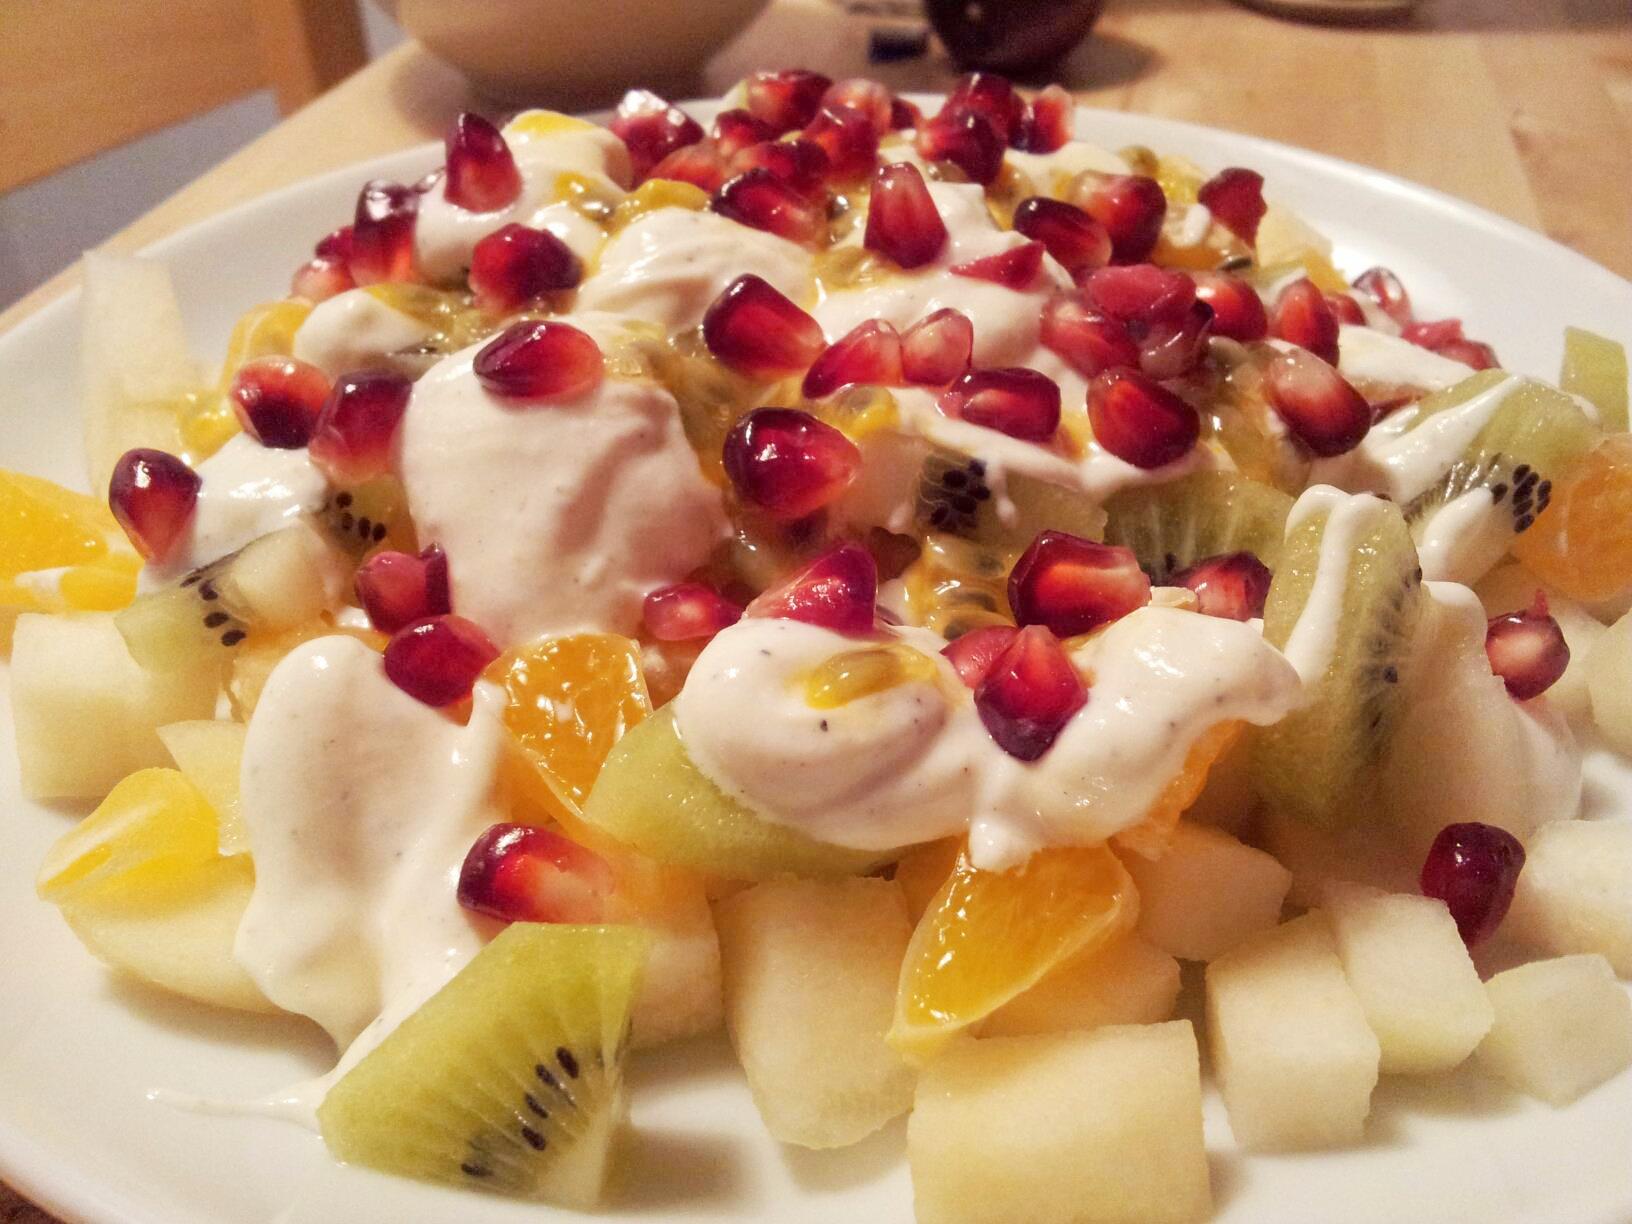 Fruktsallad_(Fruit_salad)